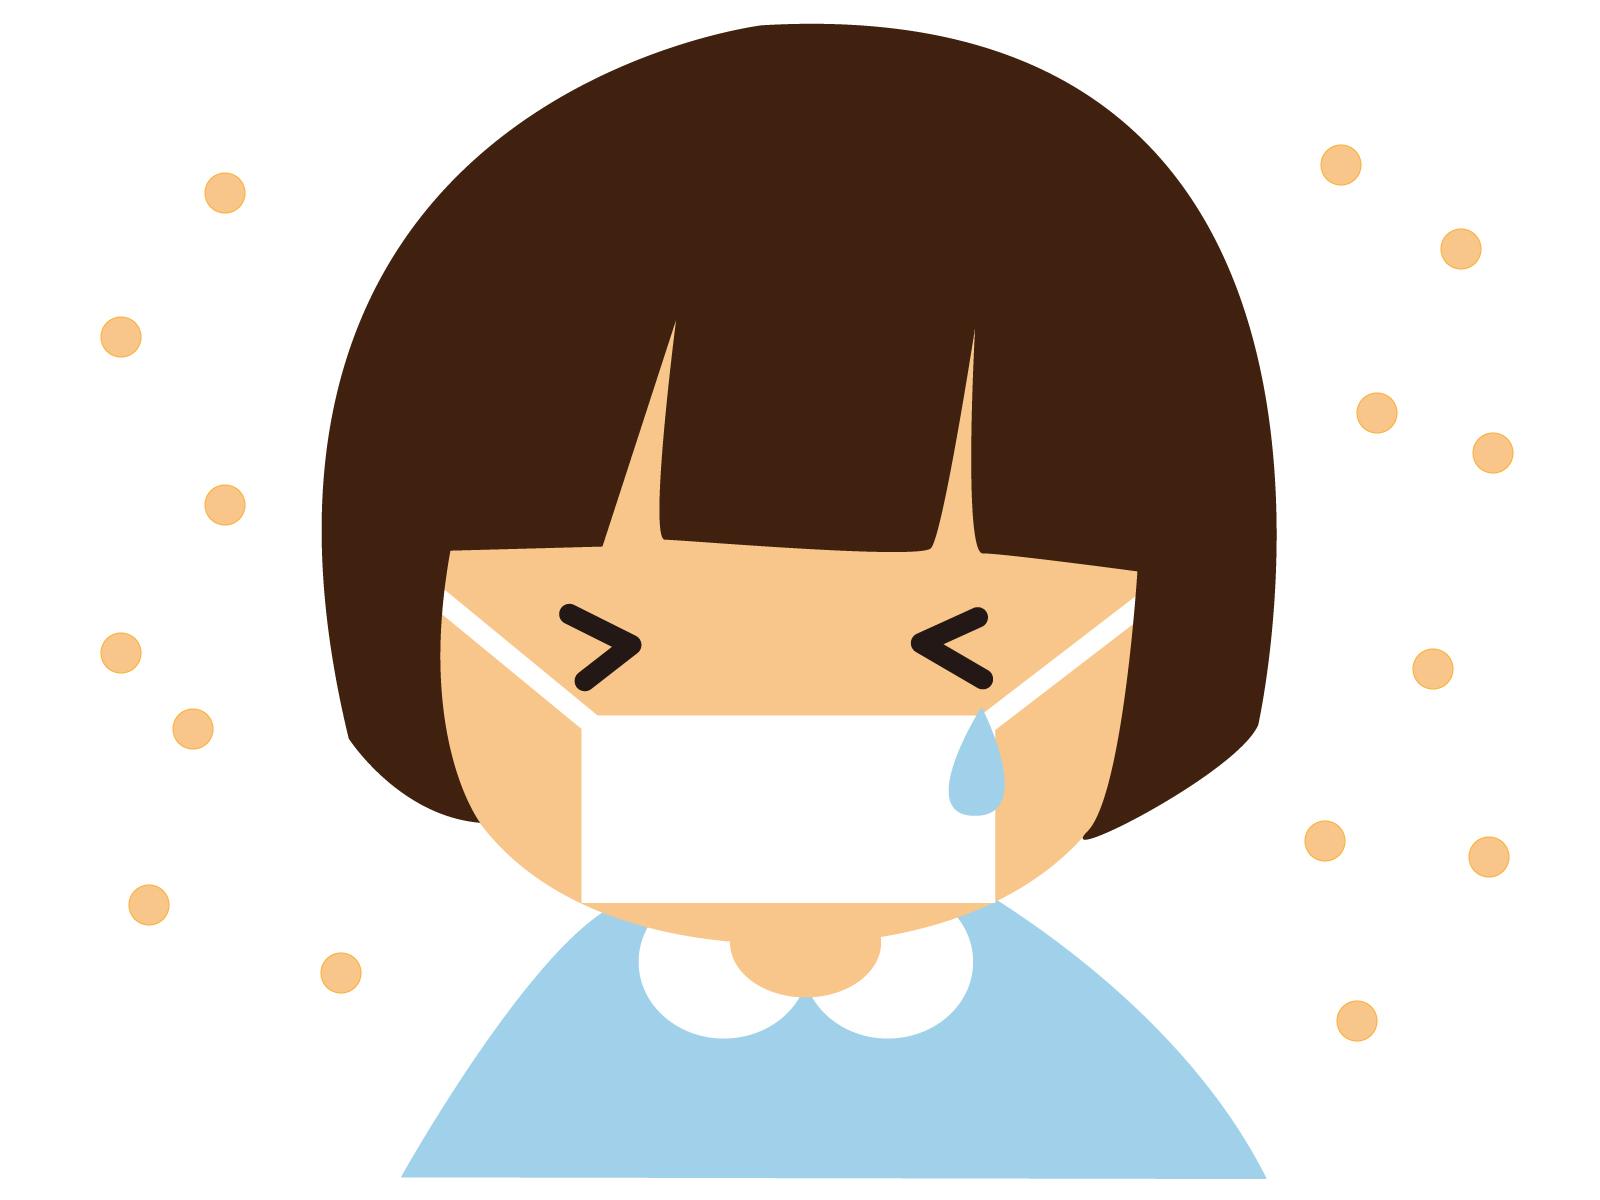 子供の花粉症の症状と対策!花粉症の判断ポイントと子供が使える薬は?